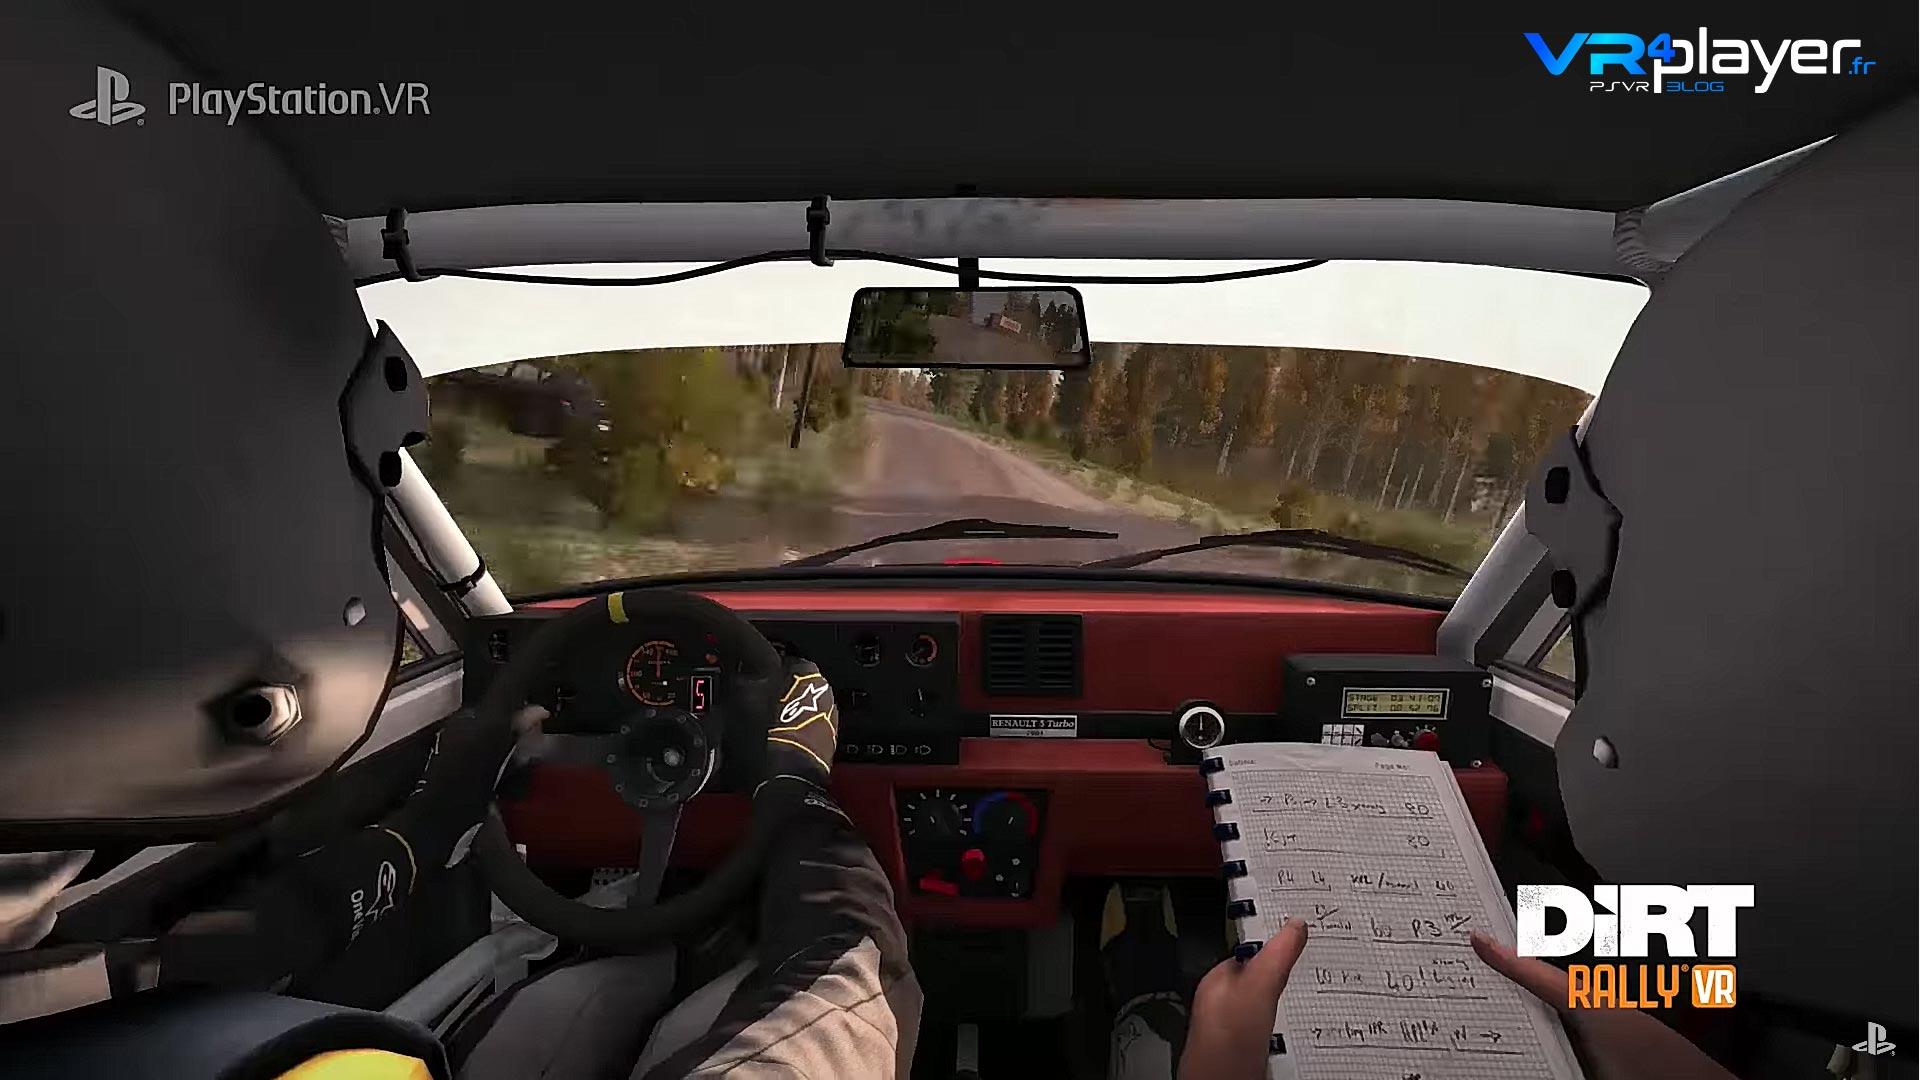 Dirt Rally VR PSVR - VR4Player